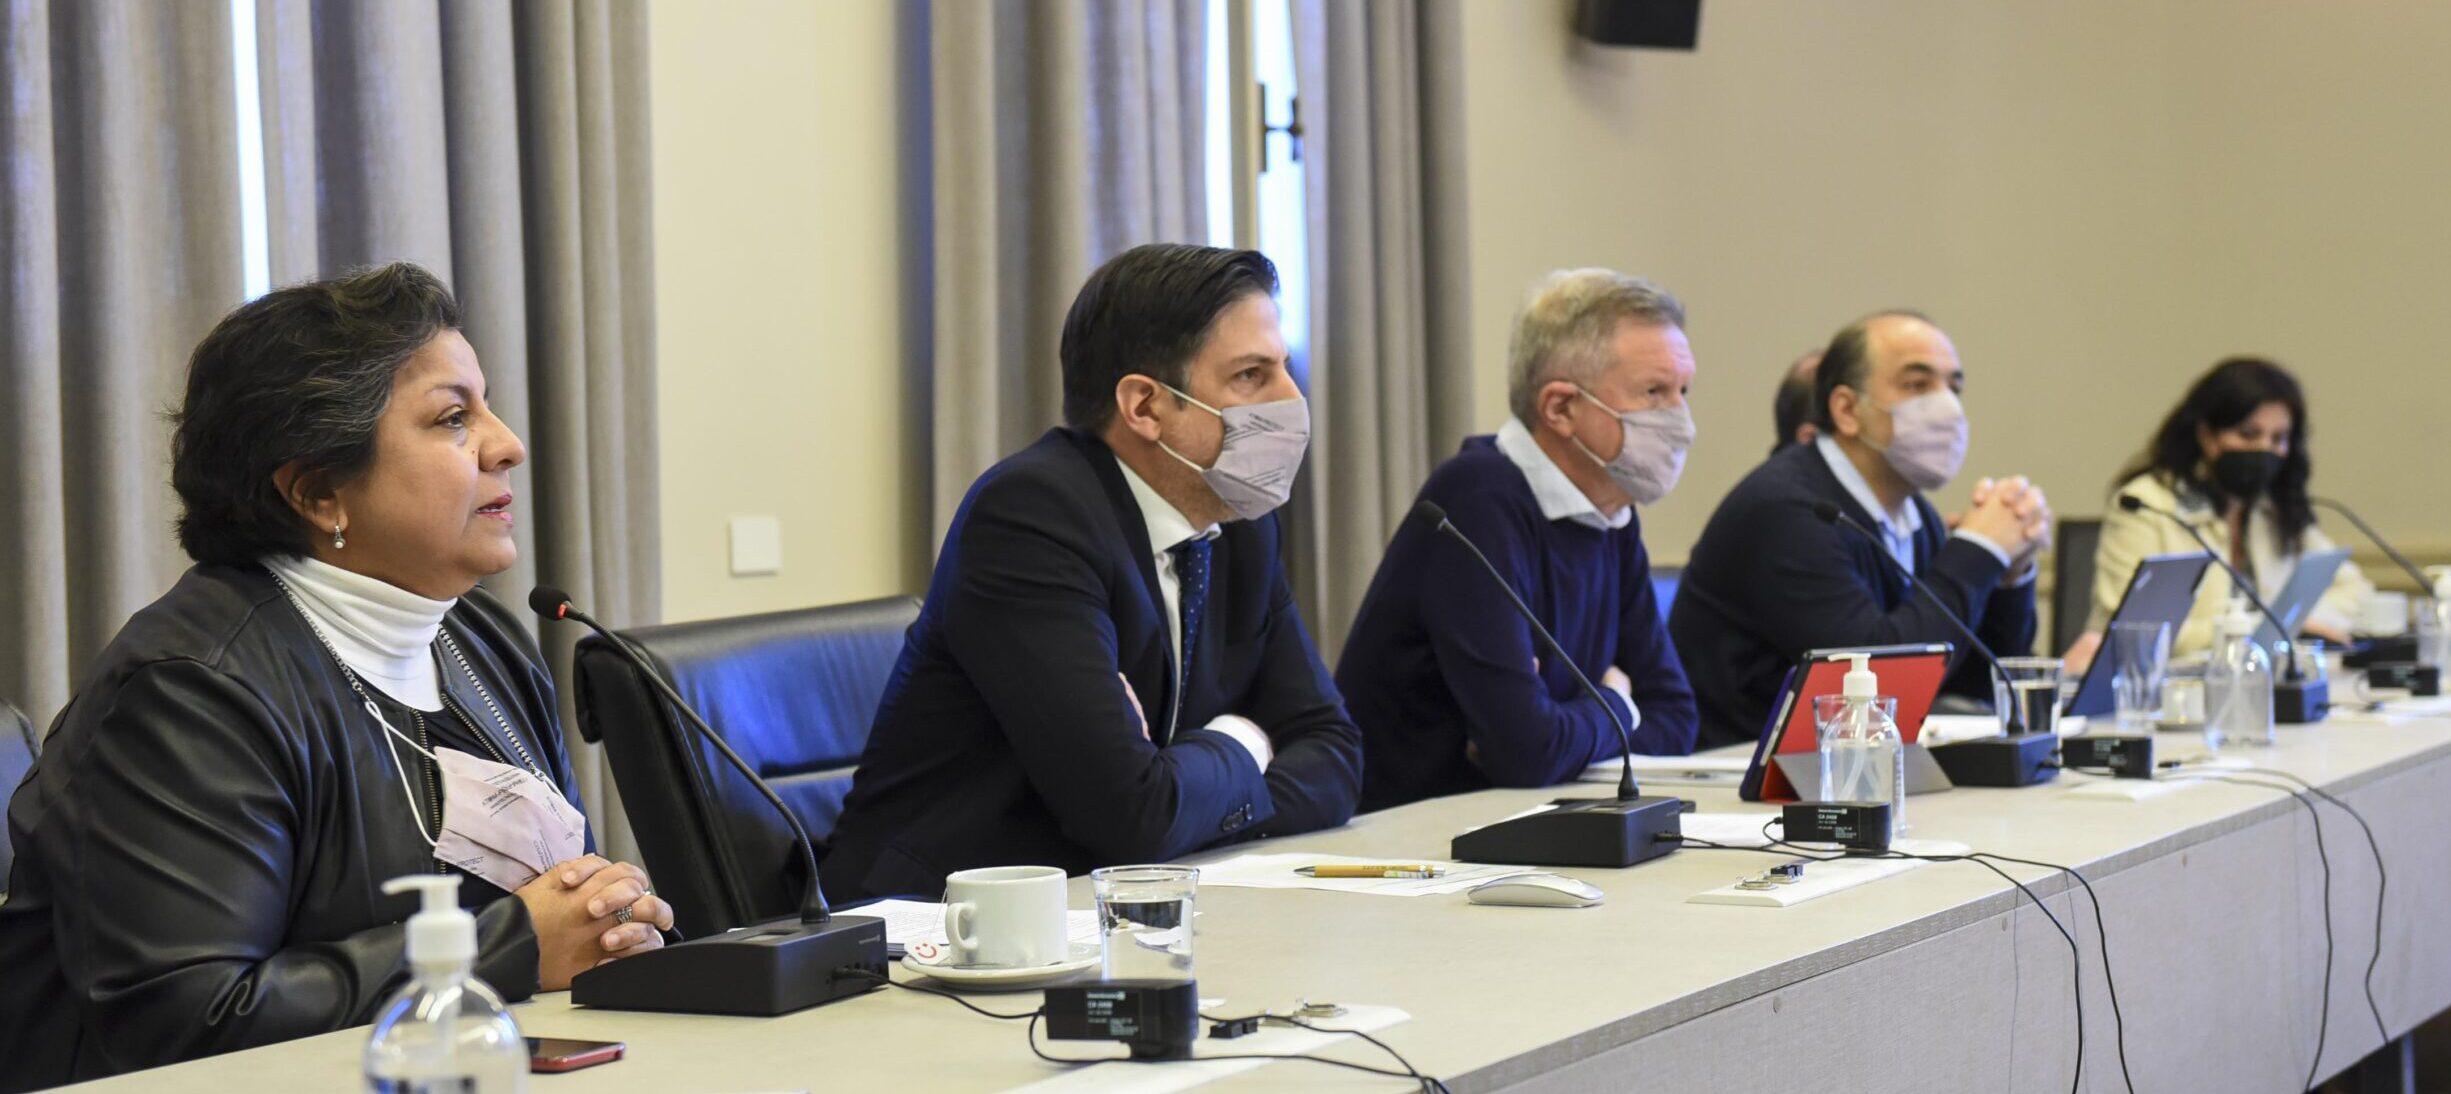 Chubut en la Asamblea del CFE: se fijaron criterios pedagógicos para el segundo semestre del año